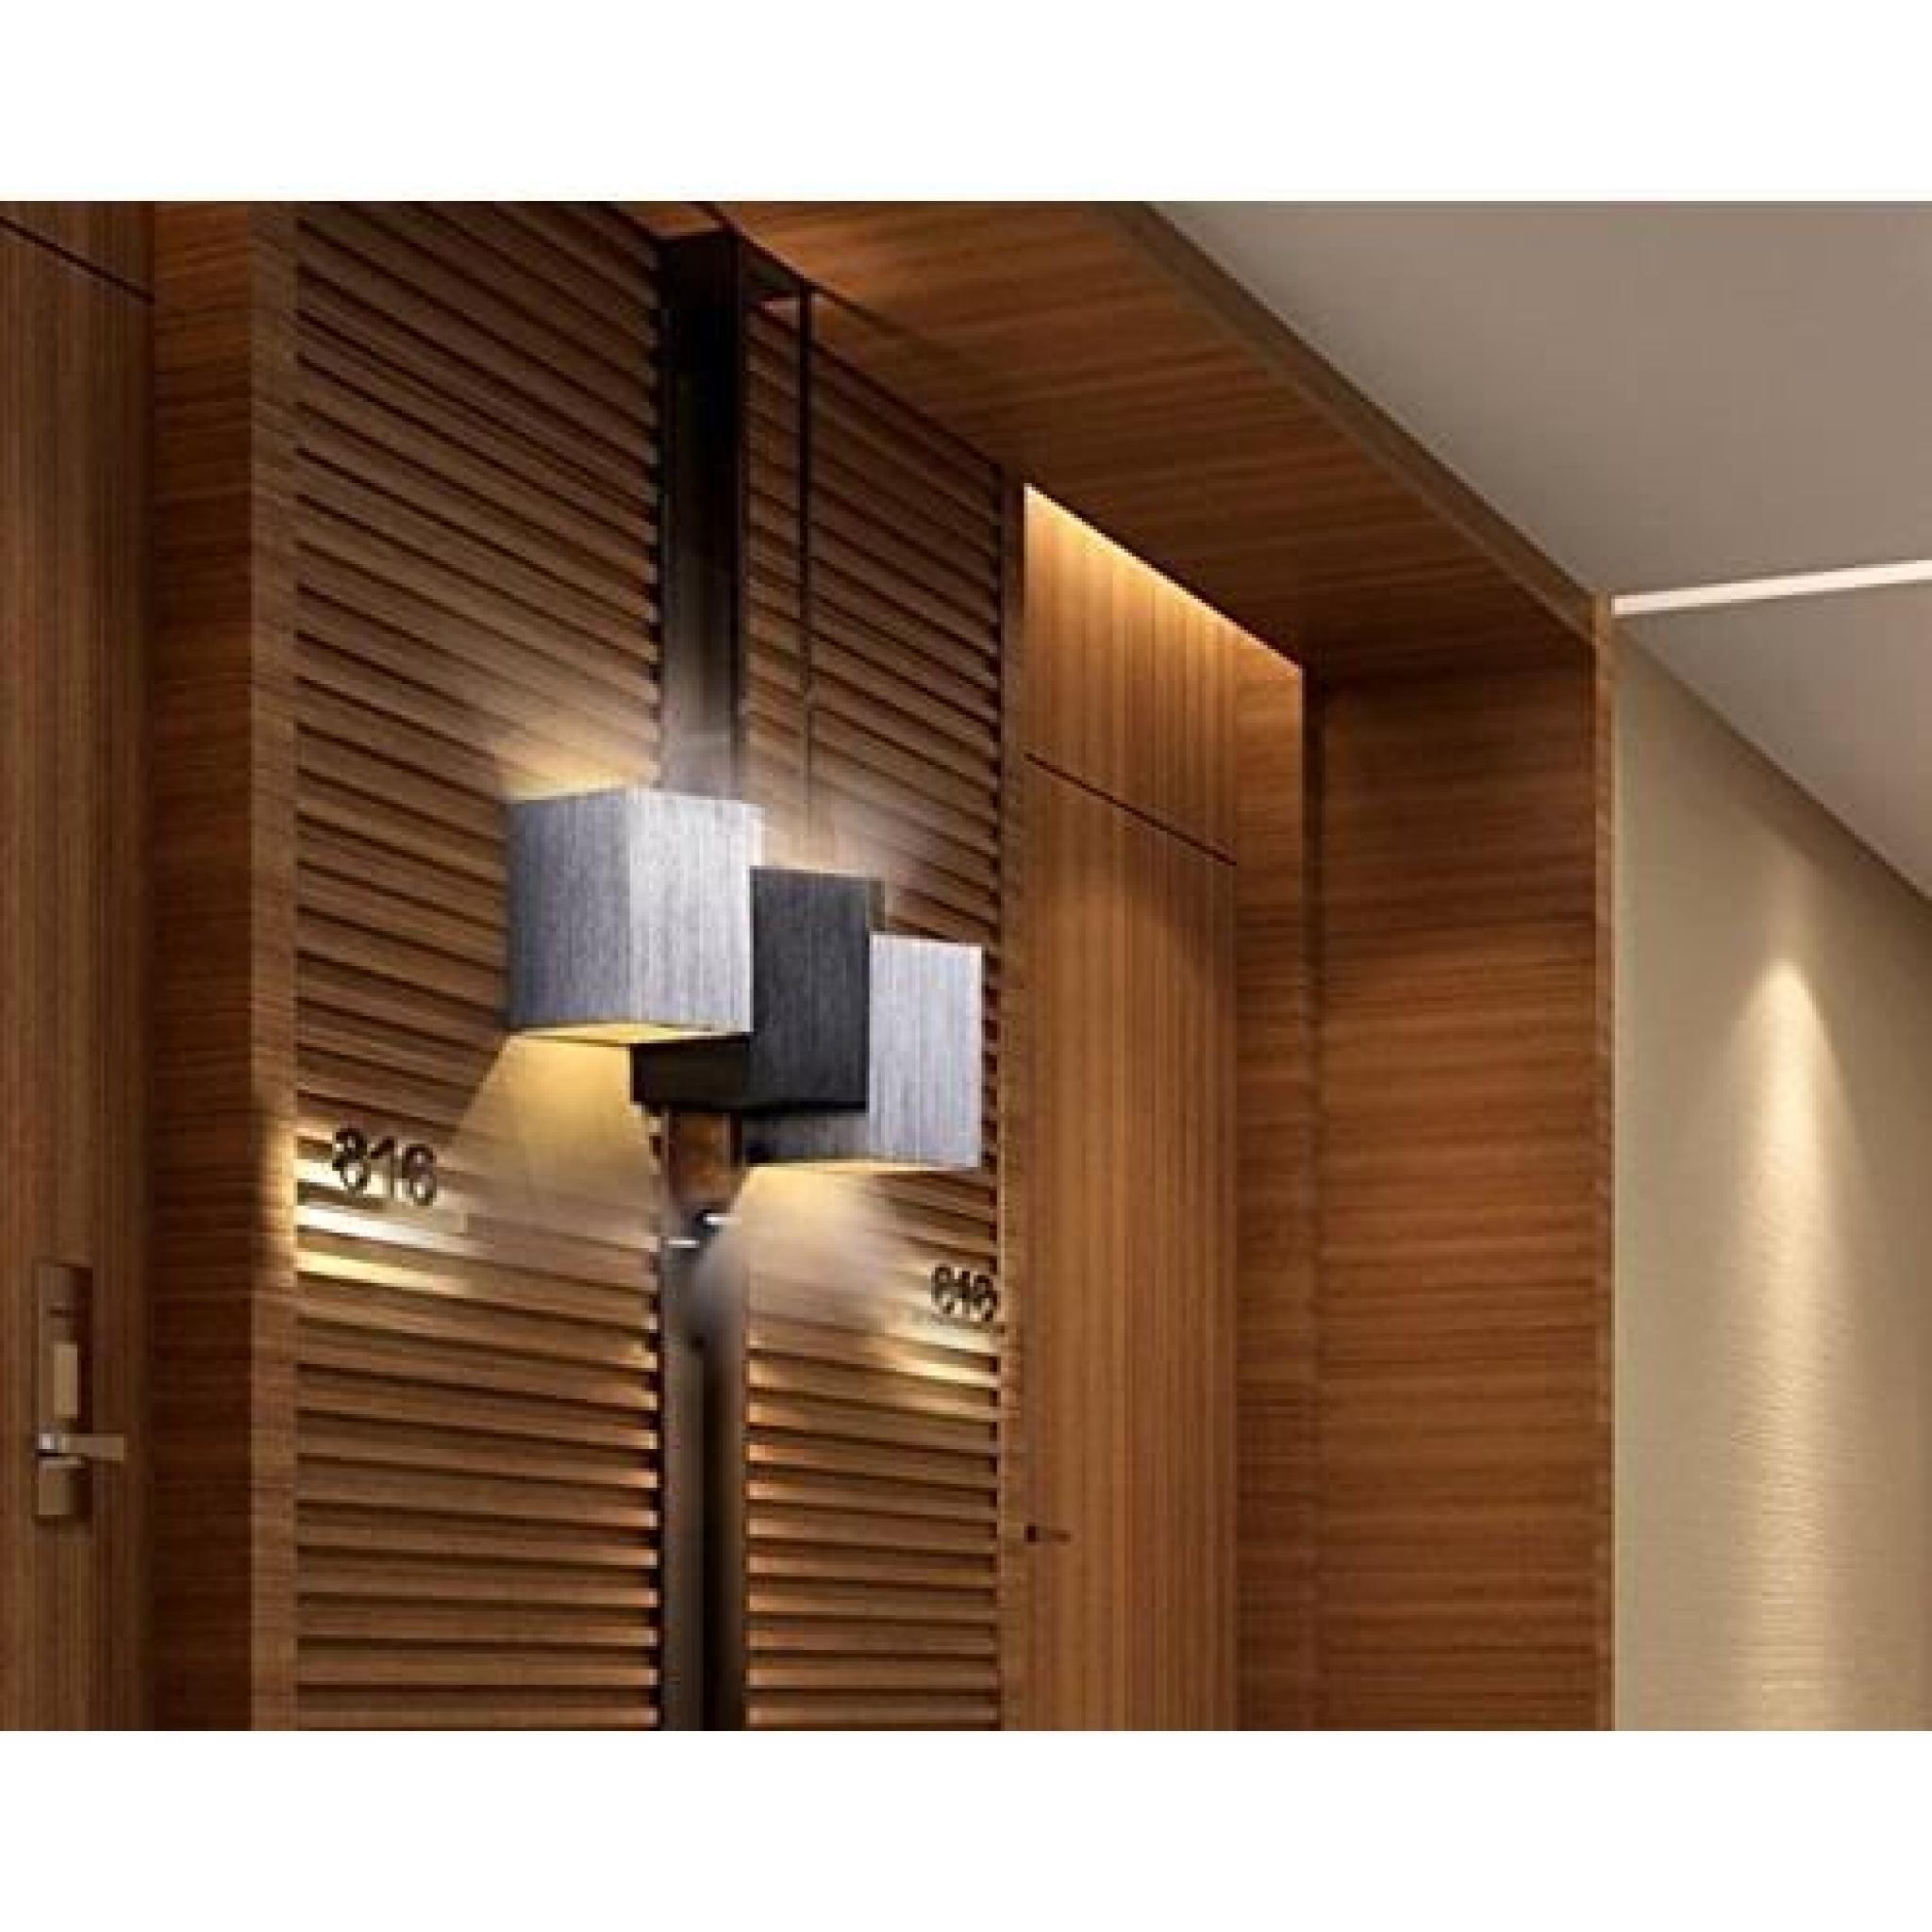 un applique murale 3w led lampe carrée murale pour chambre/escalier